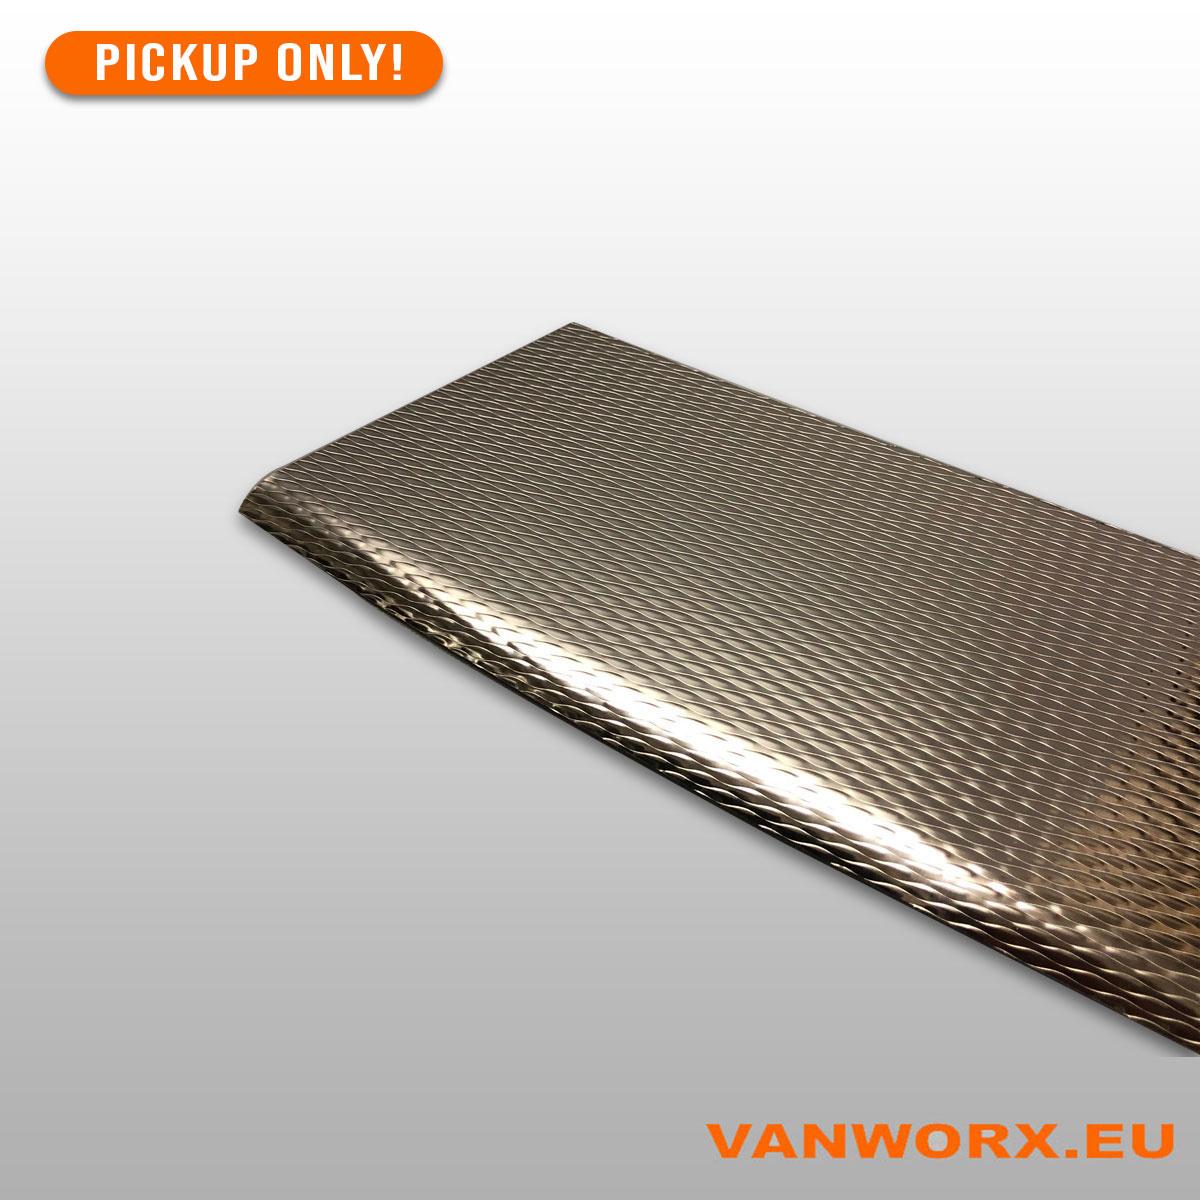 Bumperbescherming Volkswagen T6